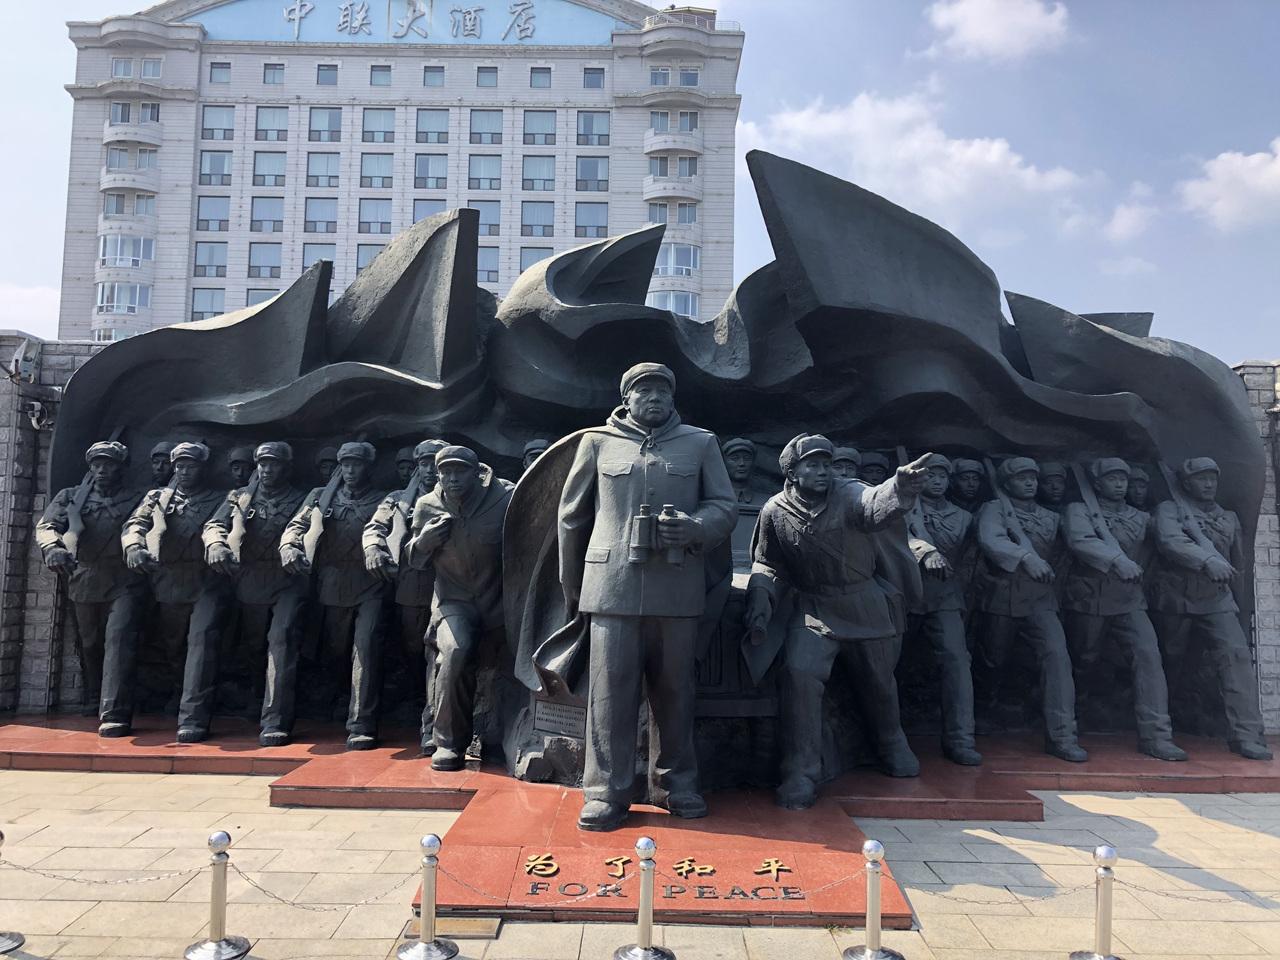 평화를 위하여 압록강 단교를 바라보고 있는 조각상